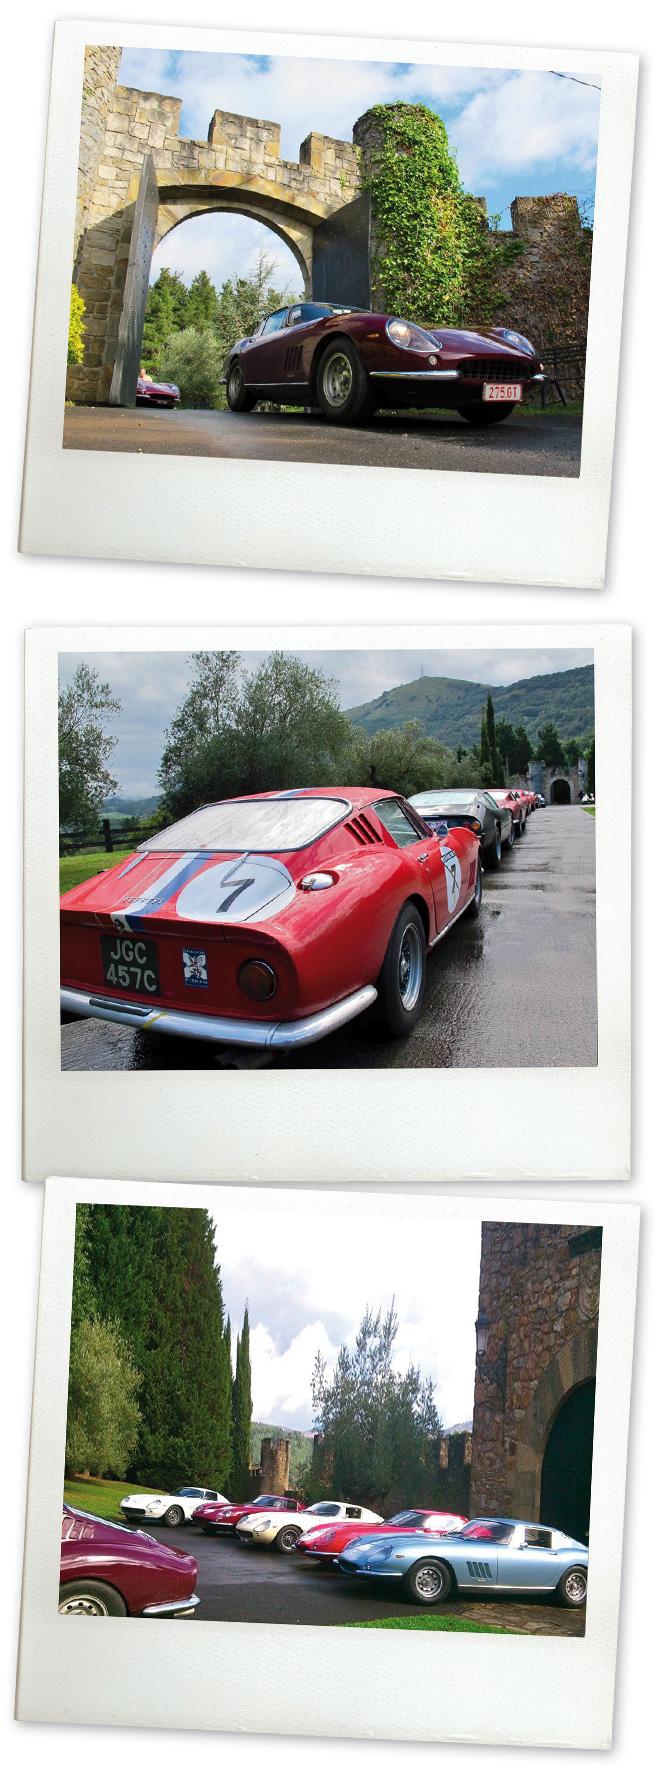 Comitiva de visitantes a bordo de unos espectaculares Ferraris 275